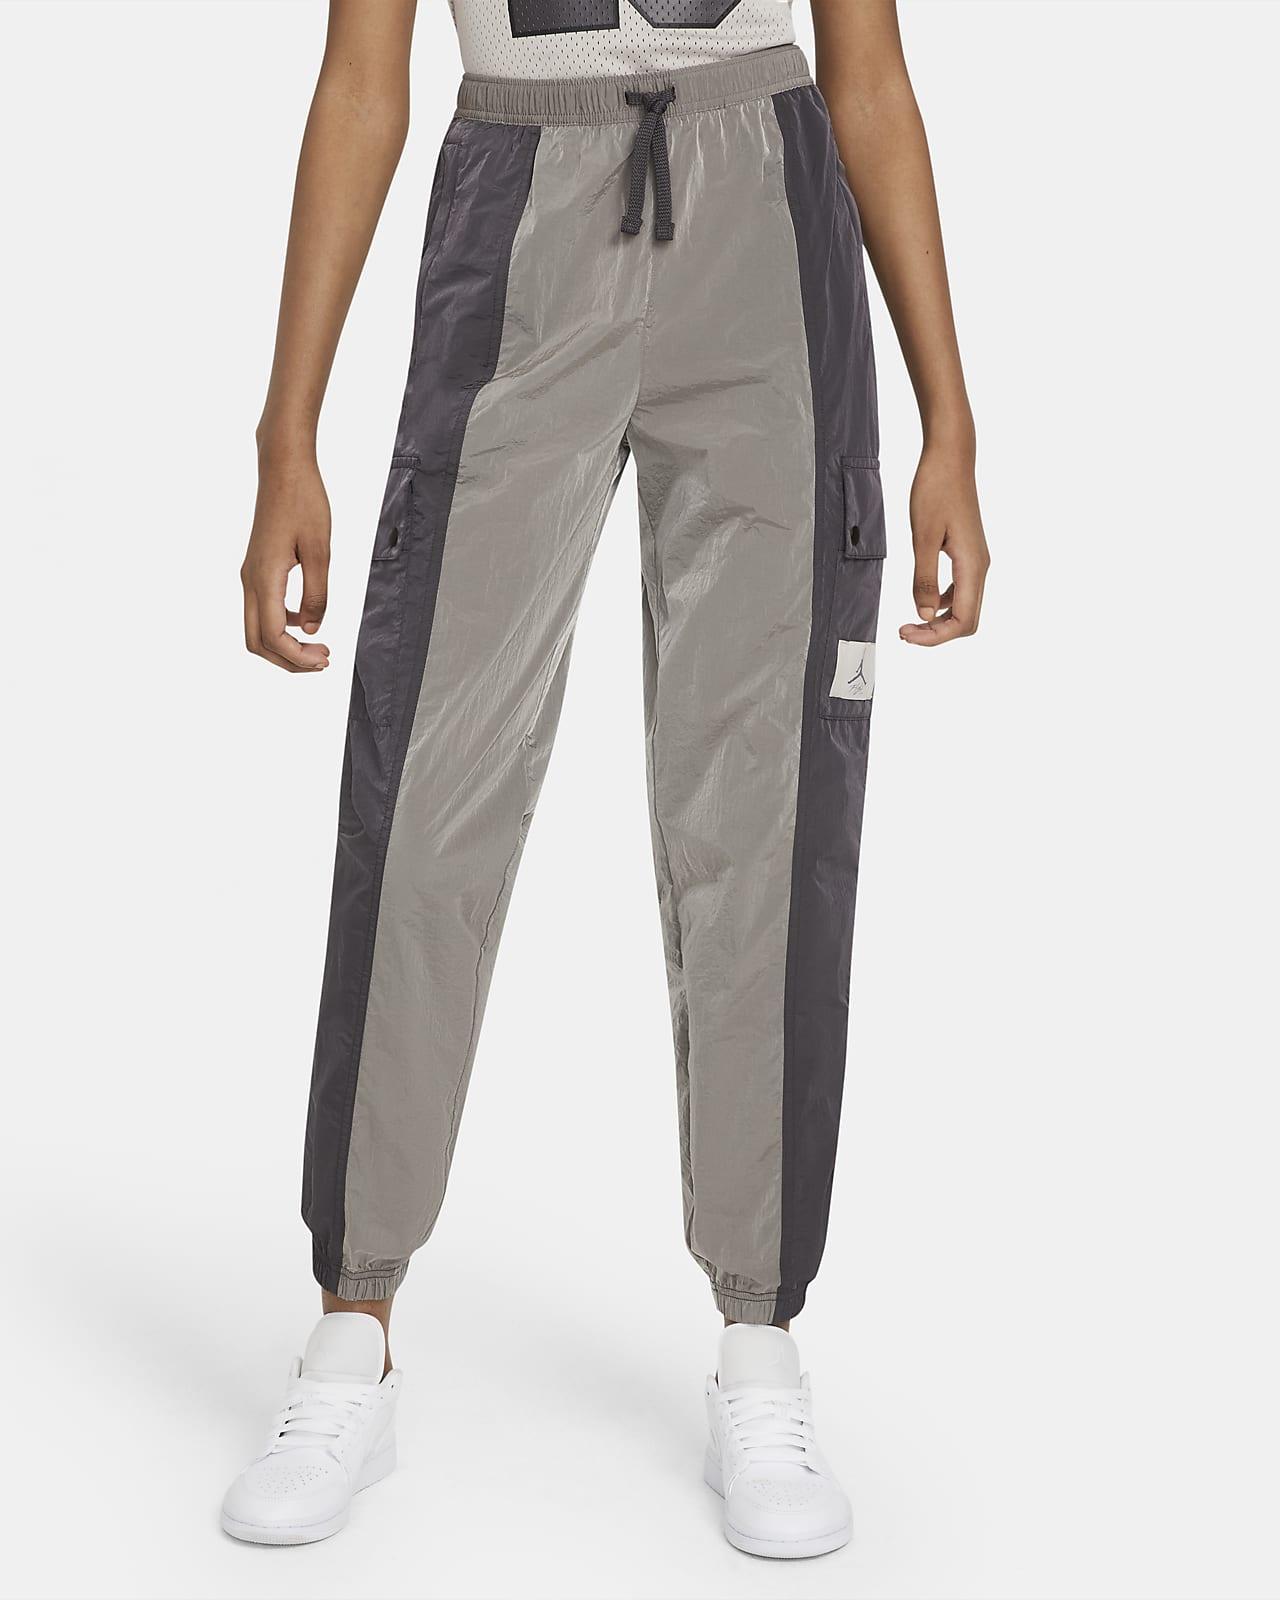 Jordan Essentials Women's Woven Pants